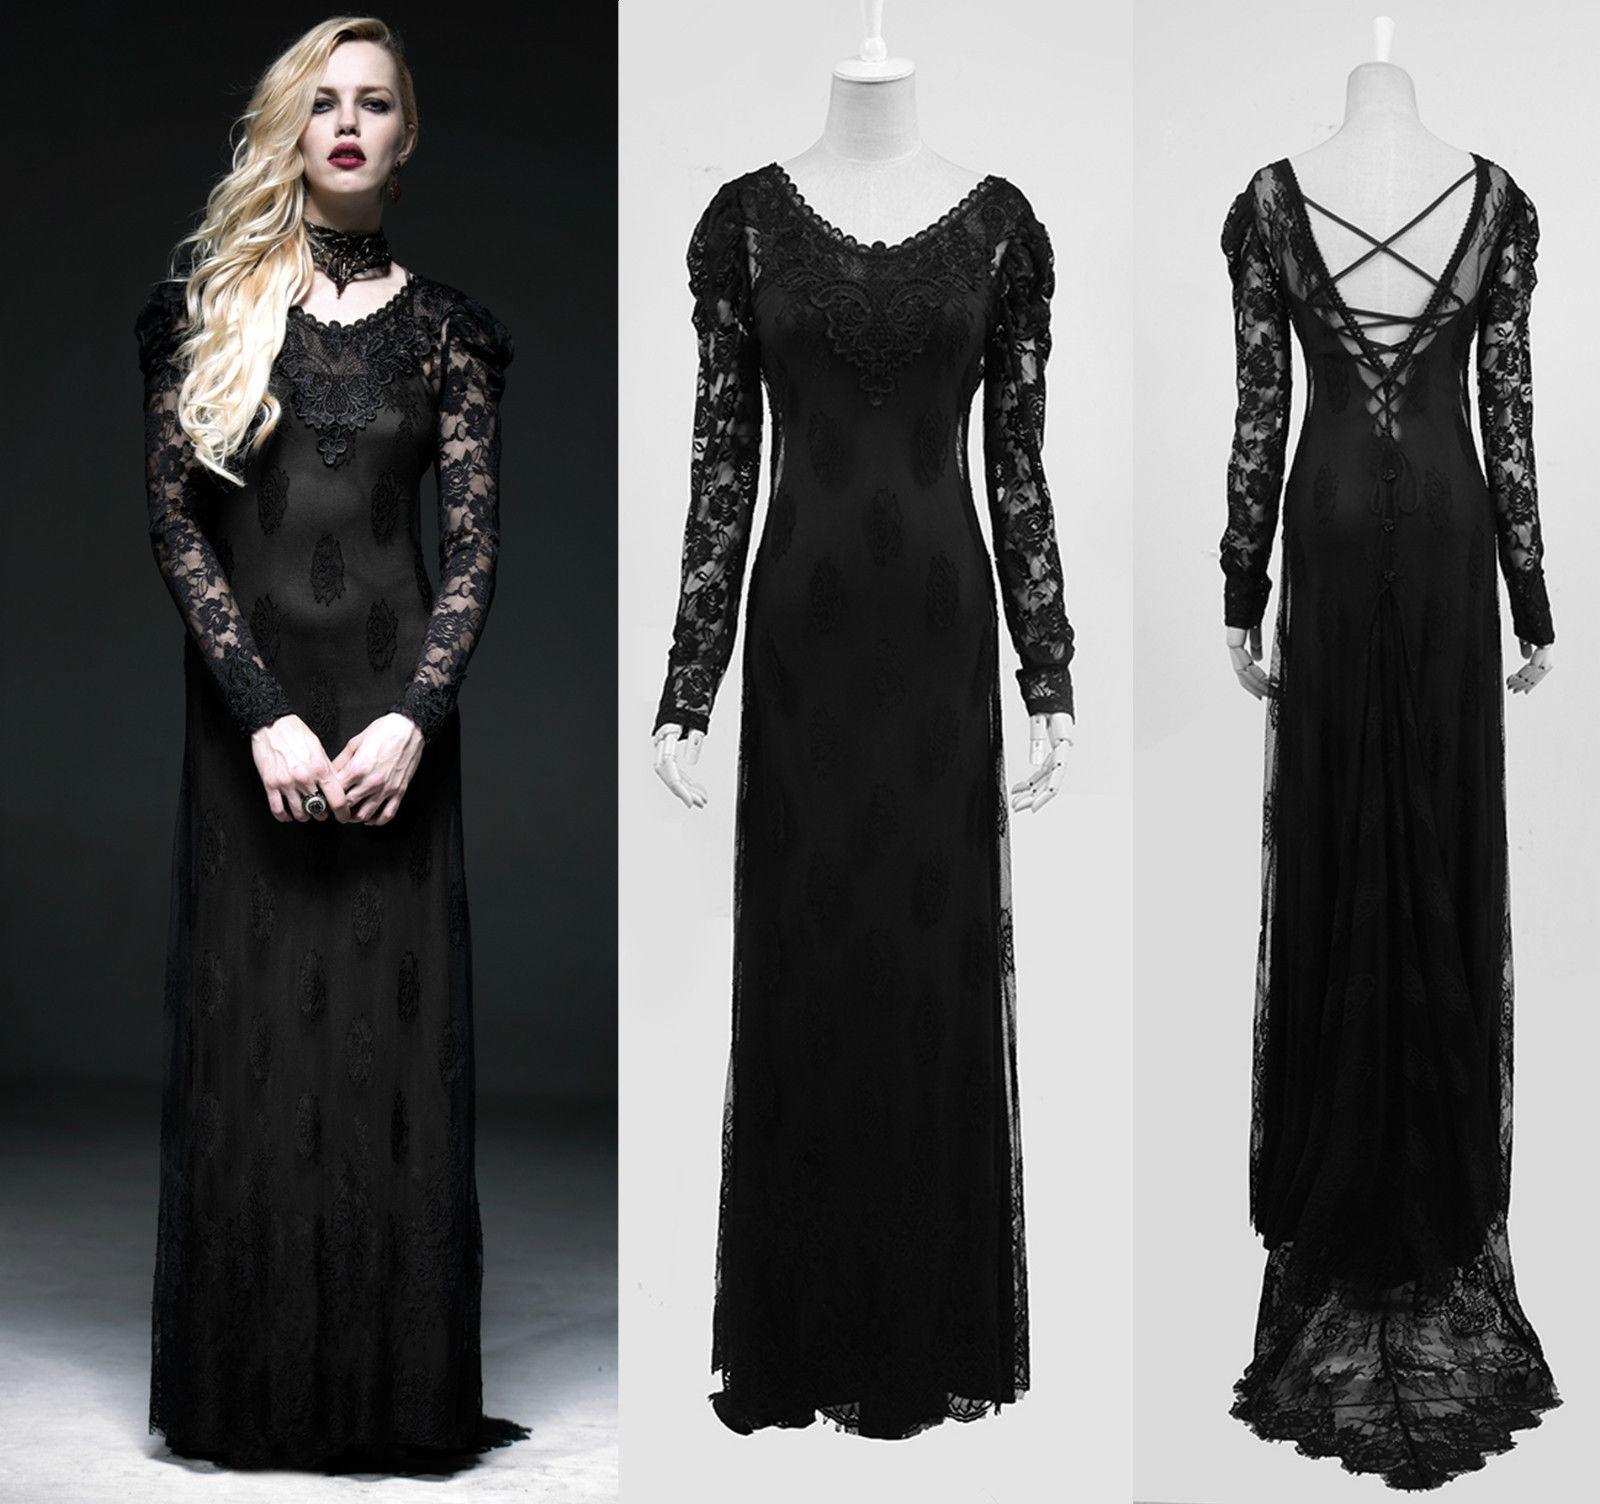 15 Fantastisch Abendkleid Schwarz Lang Spitze für 201913 Elegant Abendkleid Schwarz Lang Spitze Galerie